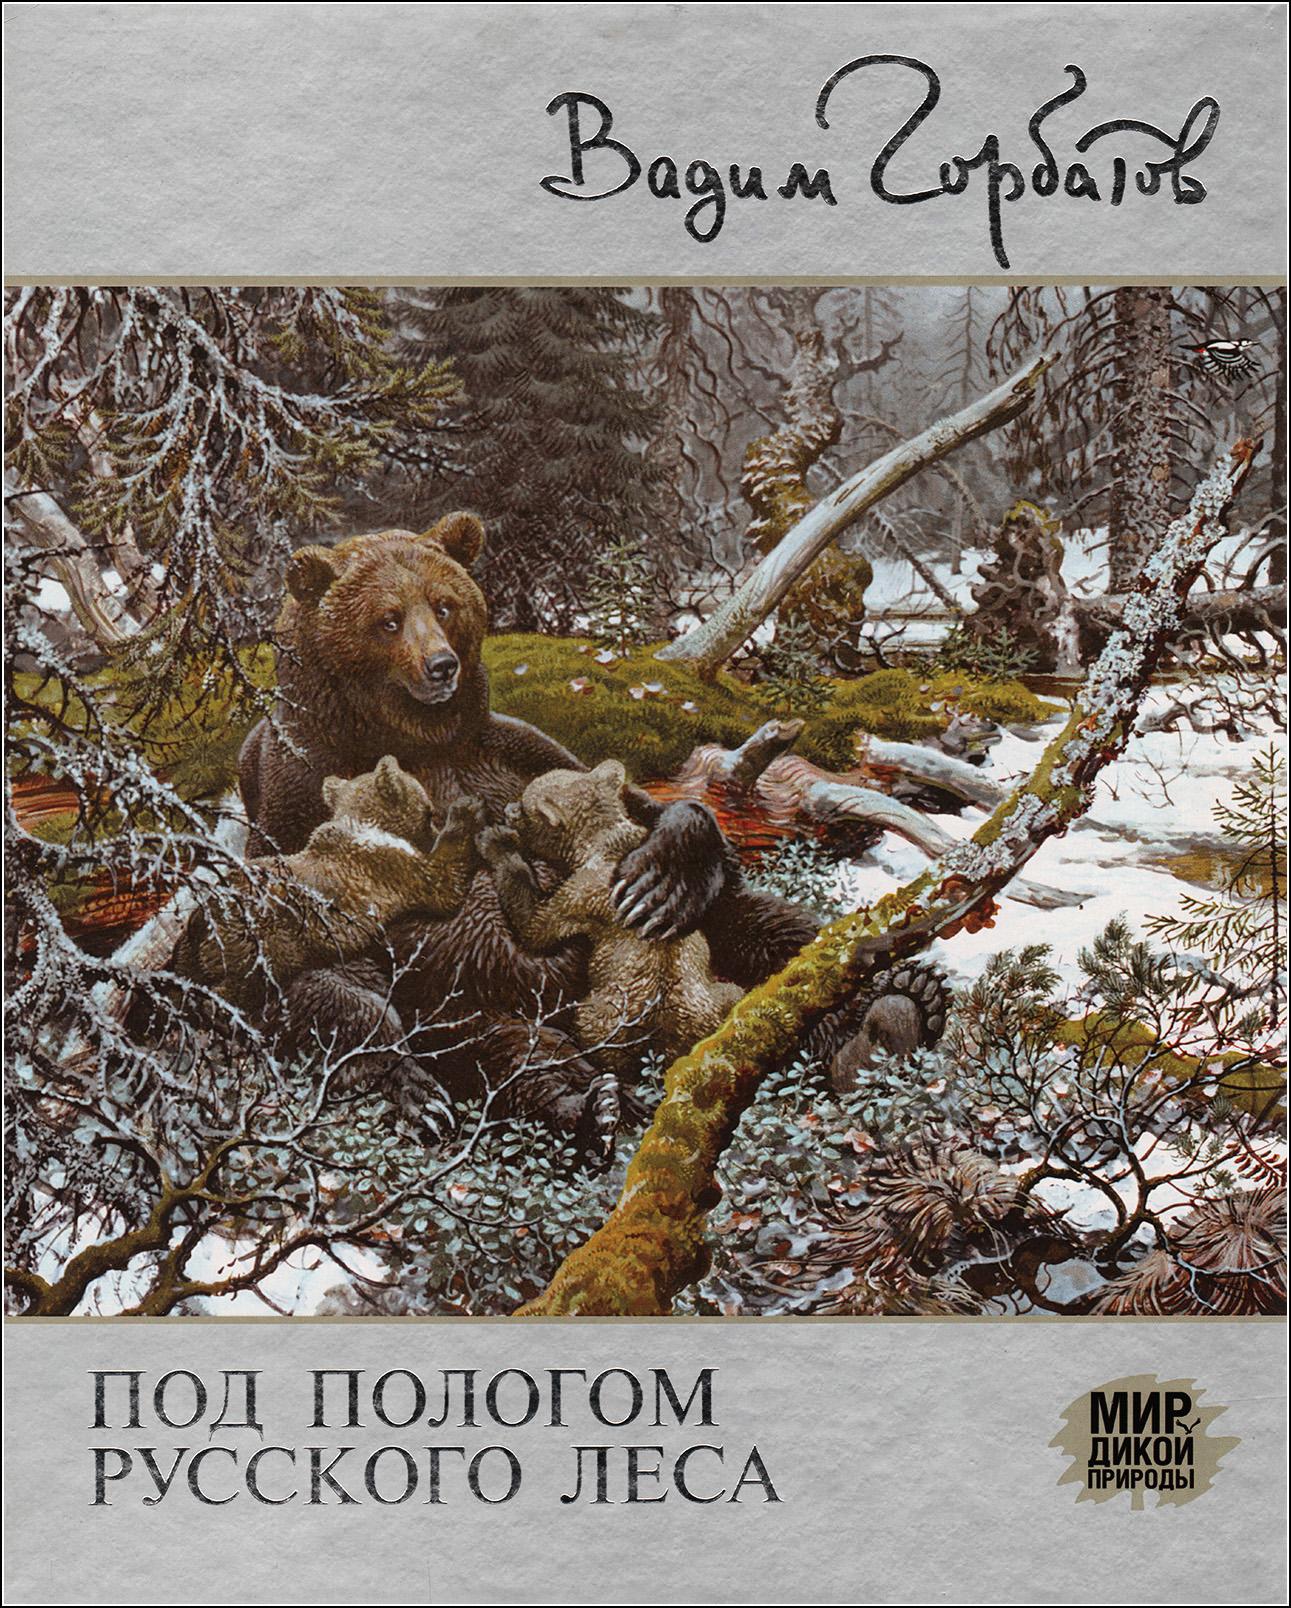 Вадим Горбатов, Под пологом русского леса